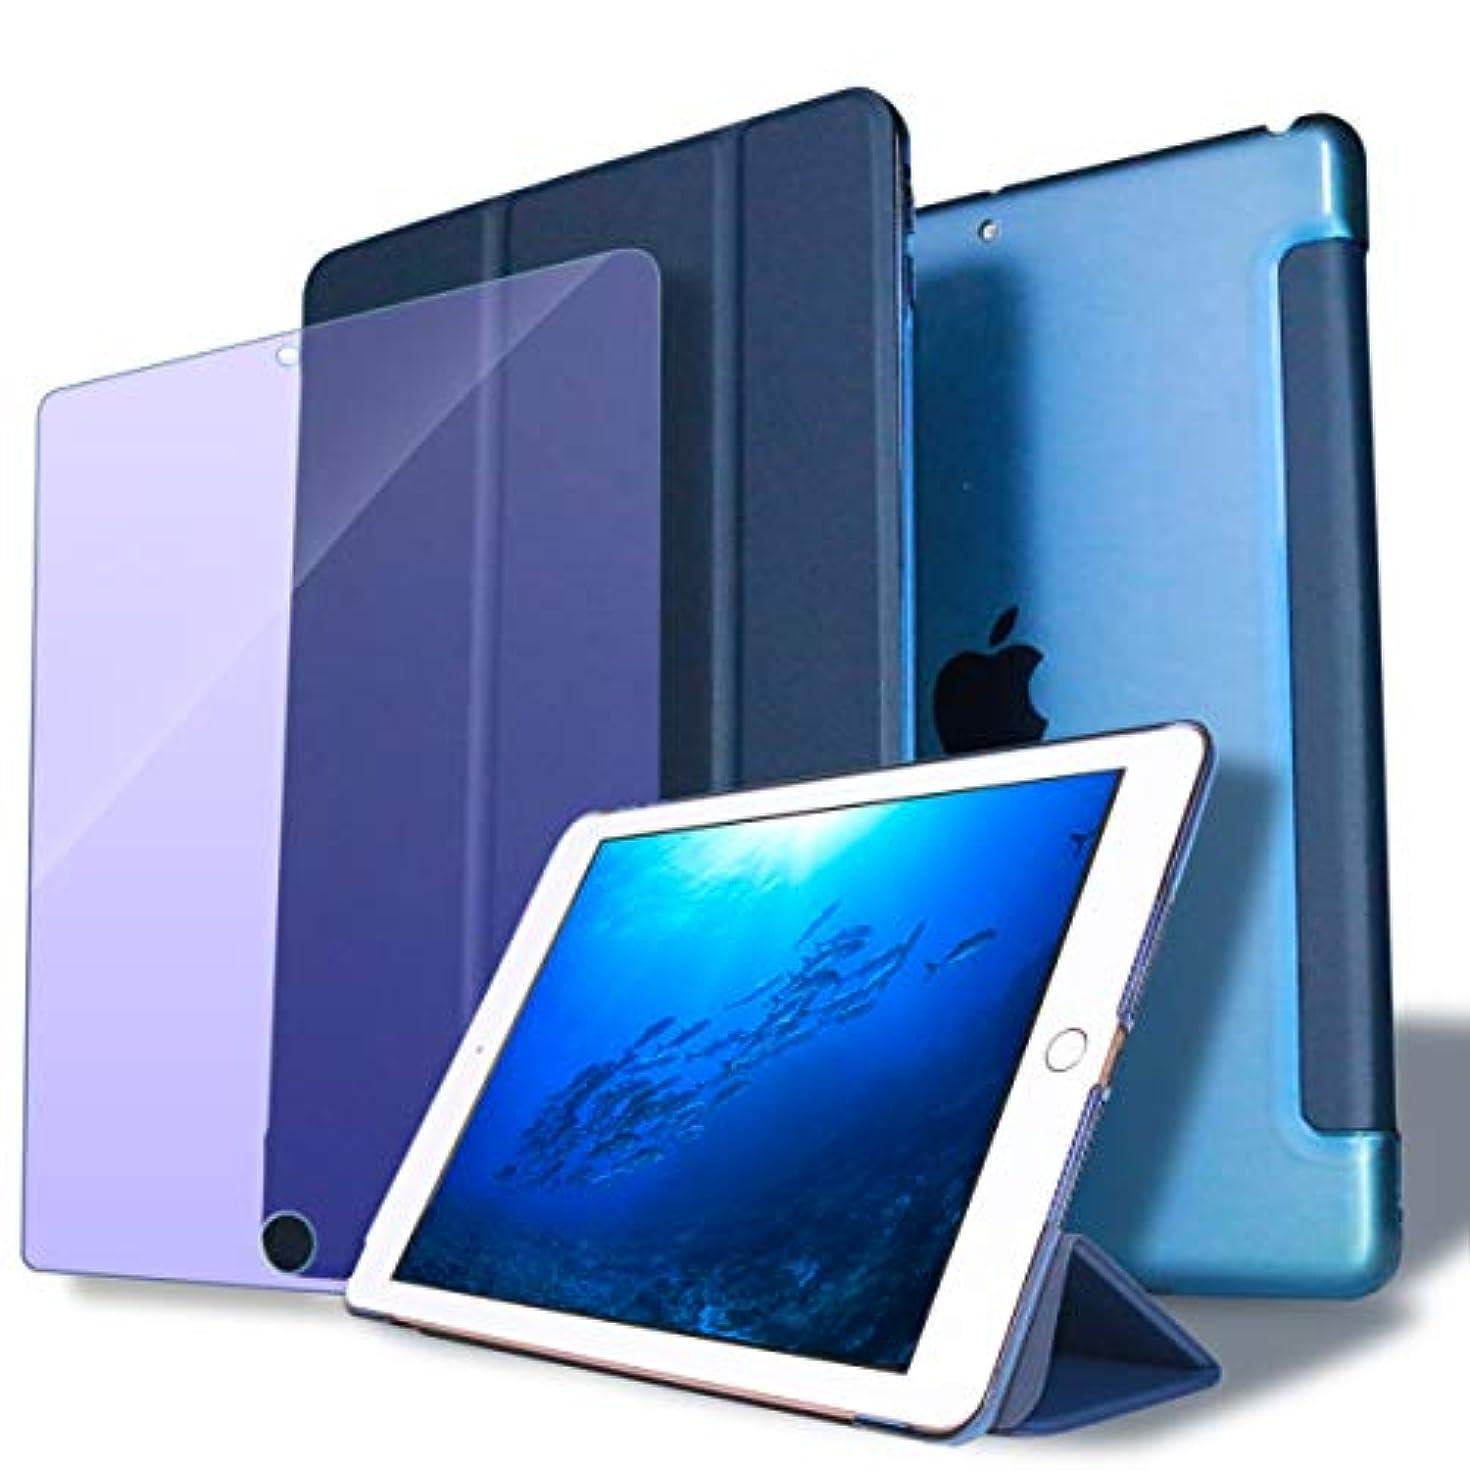 観客ブローホール天PIXEL (ピクセル)ガラスフィルムセット iPad ケース iPad 第6世代 第5世代 2018 2017 A1893 A1954 三つ折り 半透明バック 保護フィルム iPadモデル:9.7-inch iPad[2018 6th/2017 5th]